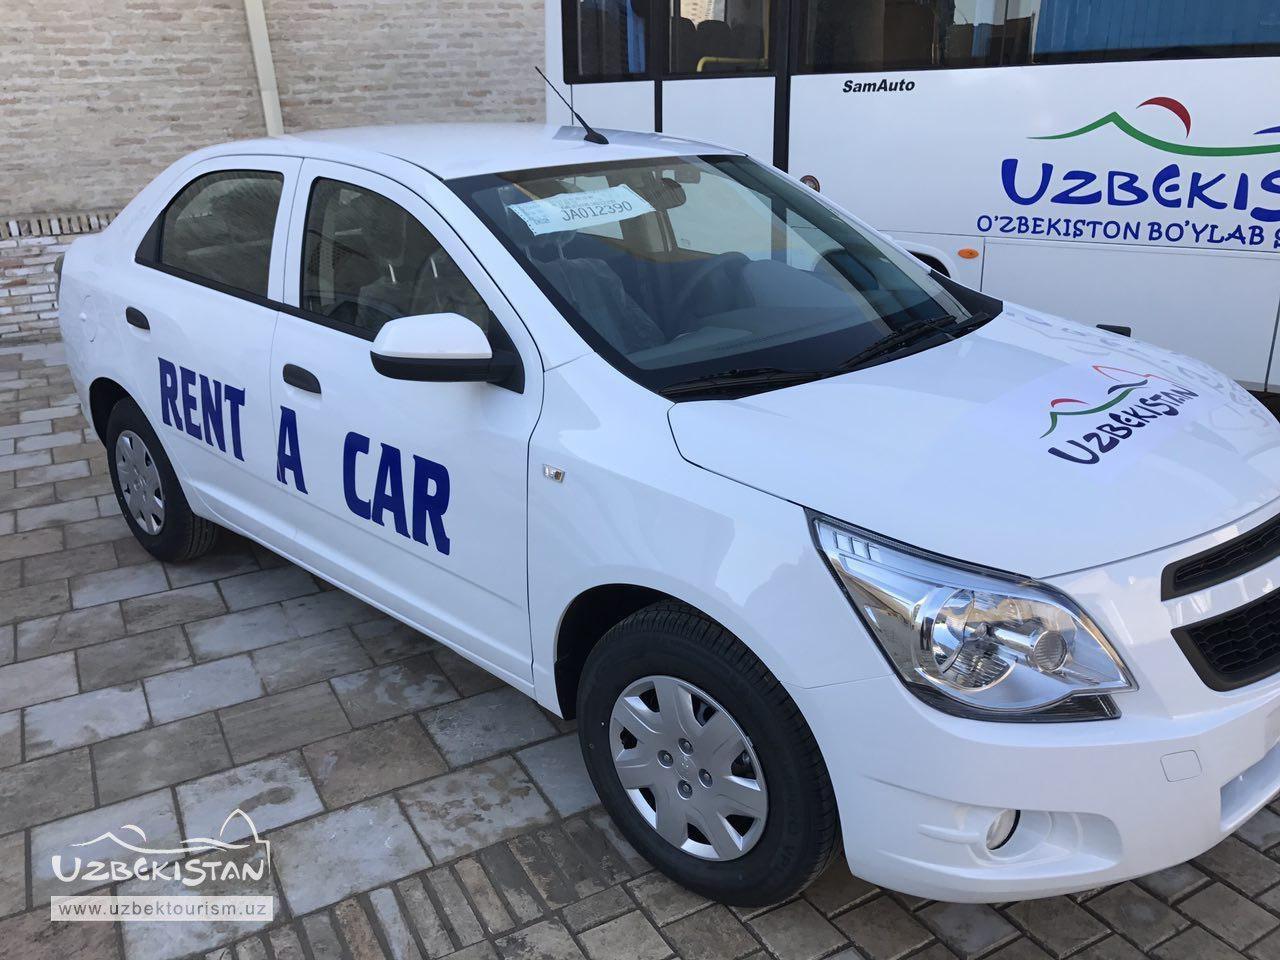 Сервис аренды автомобилей Rent-Car заработает этой весной